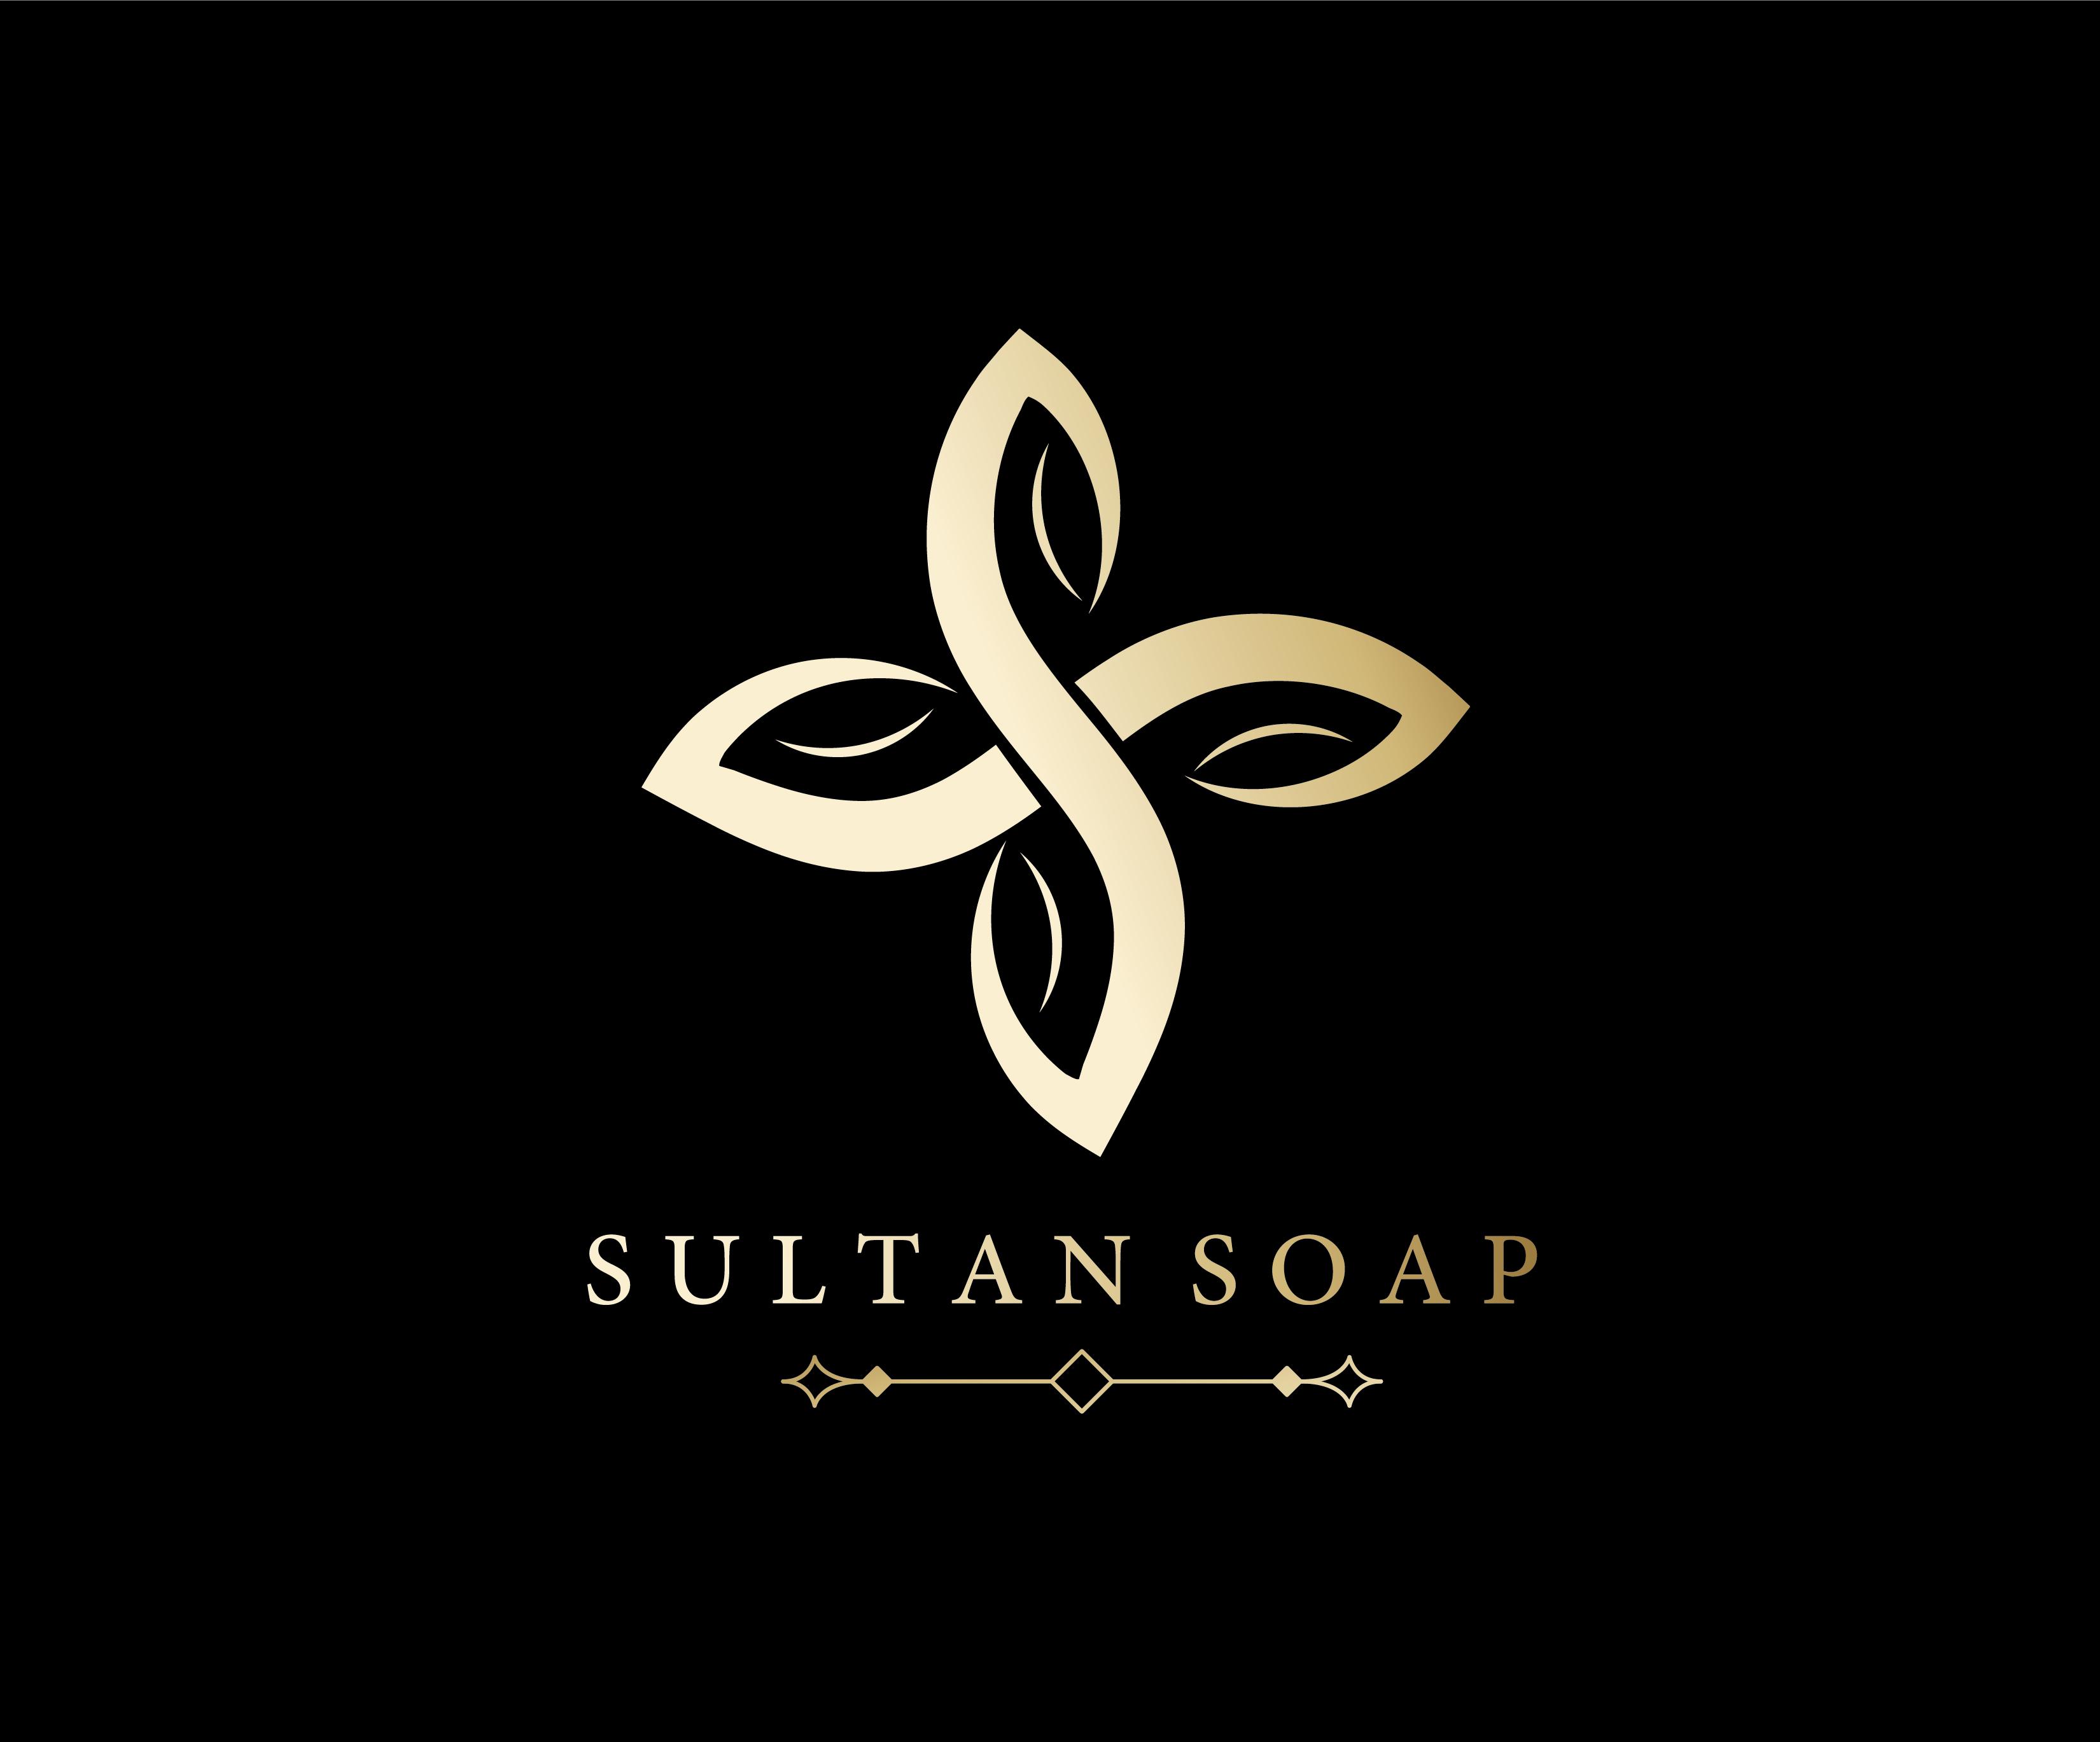 Sultan Soap